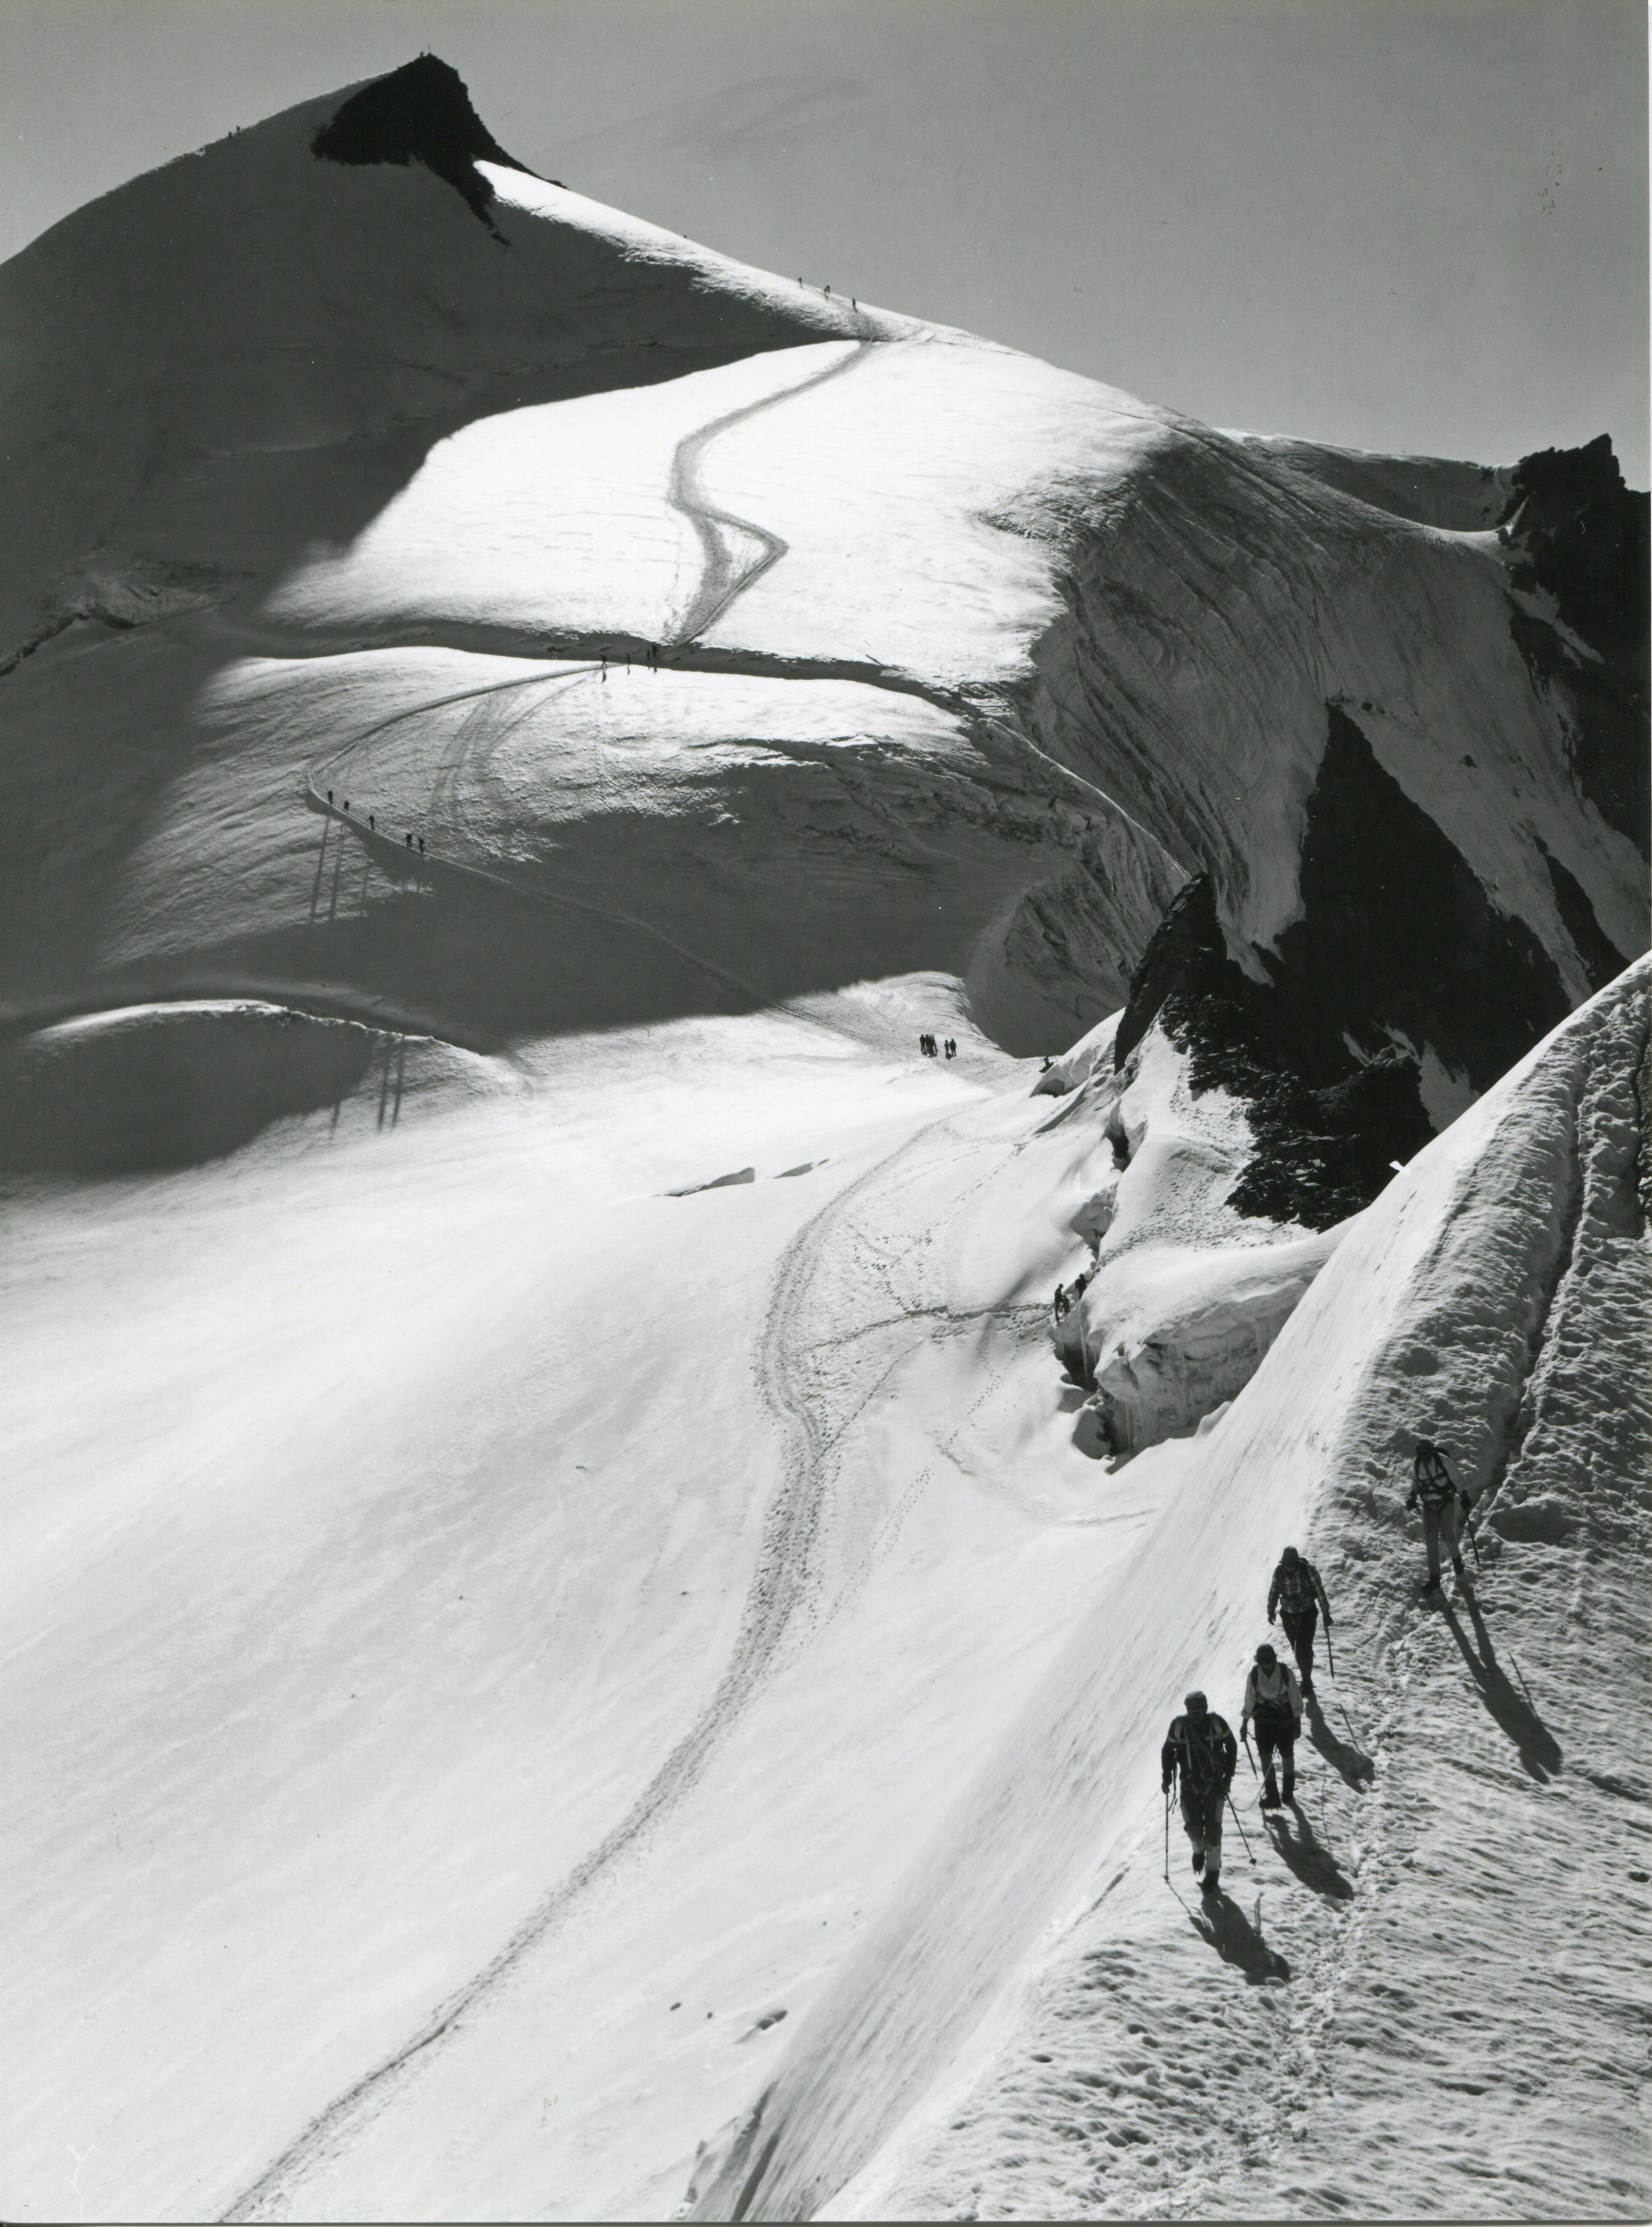 Mountaineers, Allalinhorn, Wallis, Switzerland